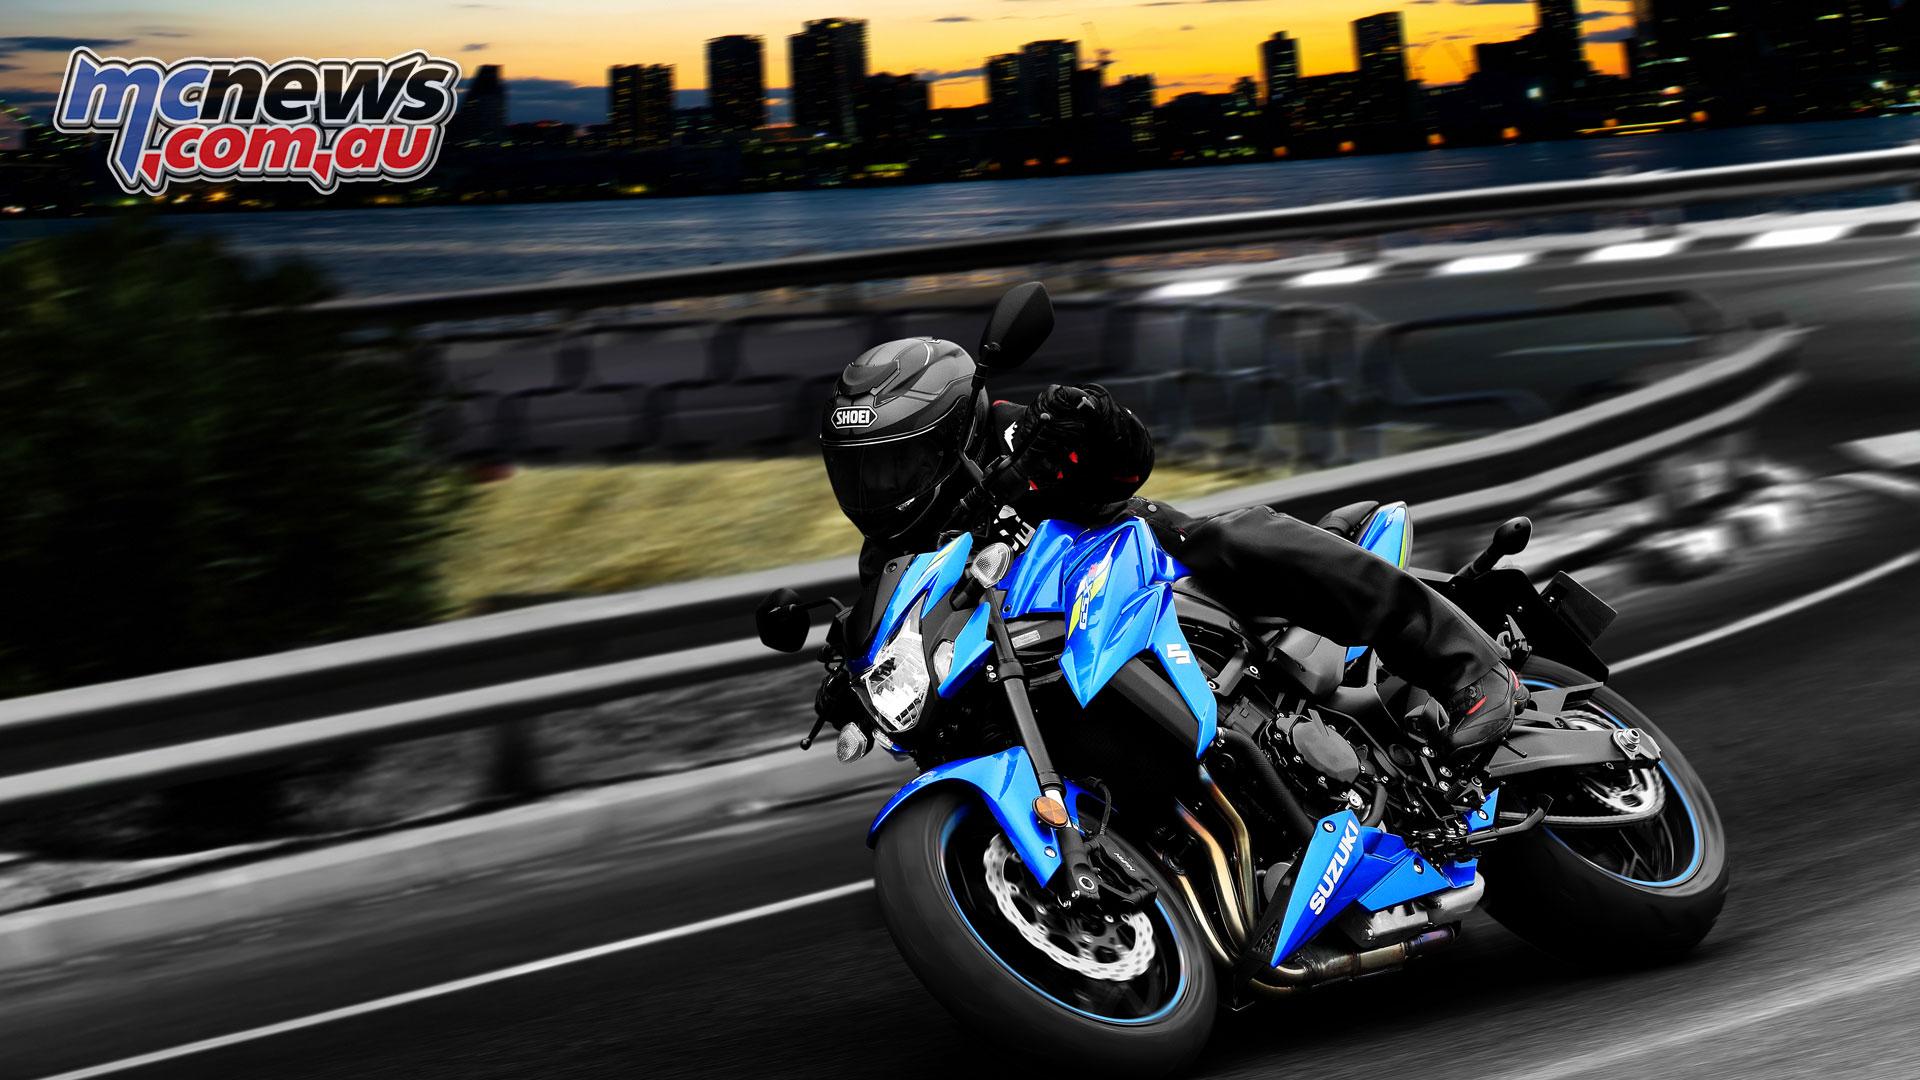 2019 Suzuki GSX-S750 lands in Australia | $11,990 Ride Away | MCNews